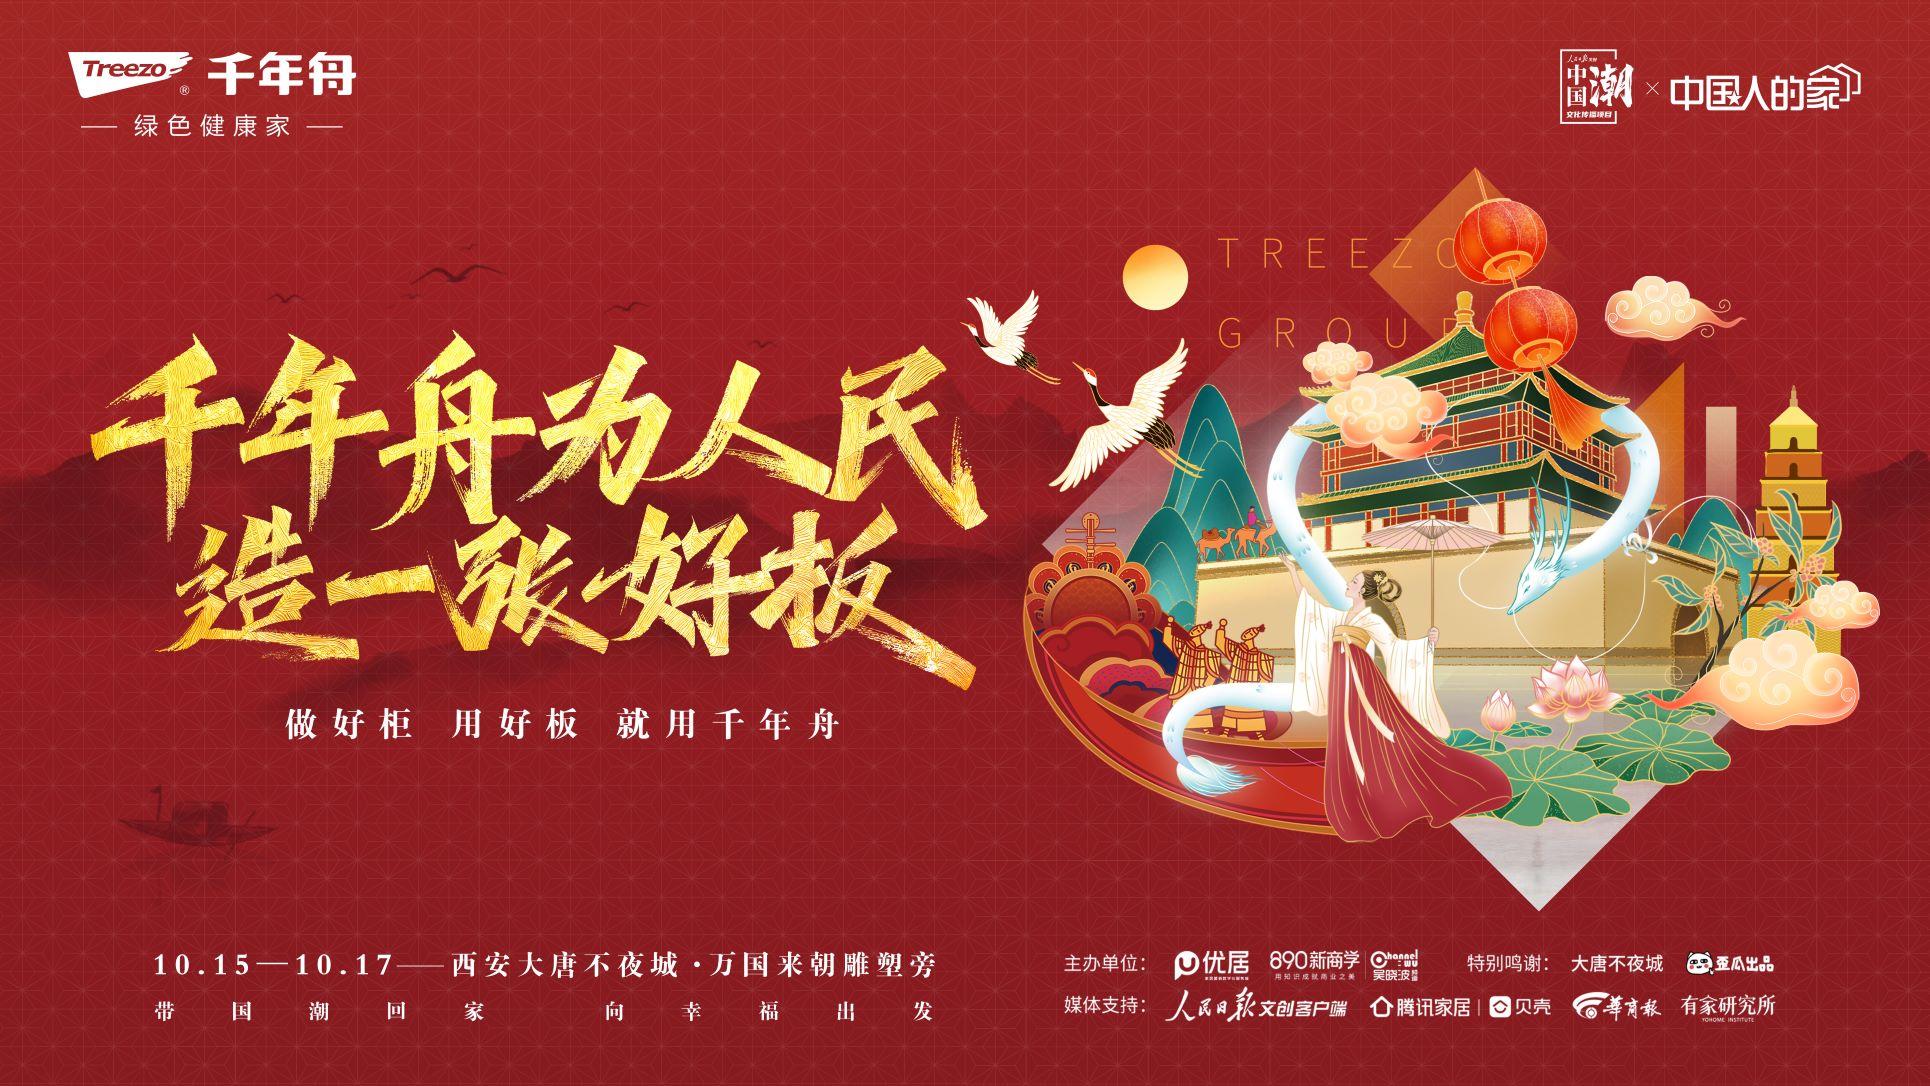 腾讯家居直播 | 《中国人的家》西安站千年舟新品发布会